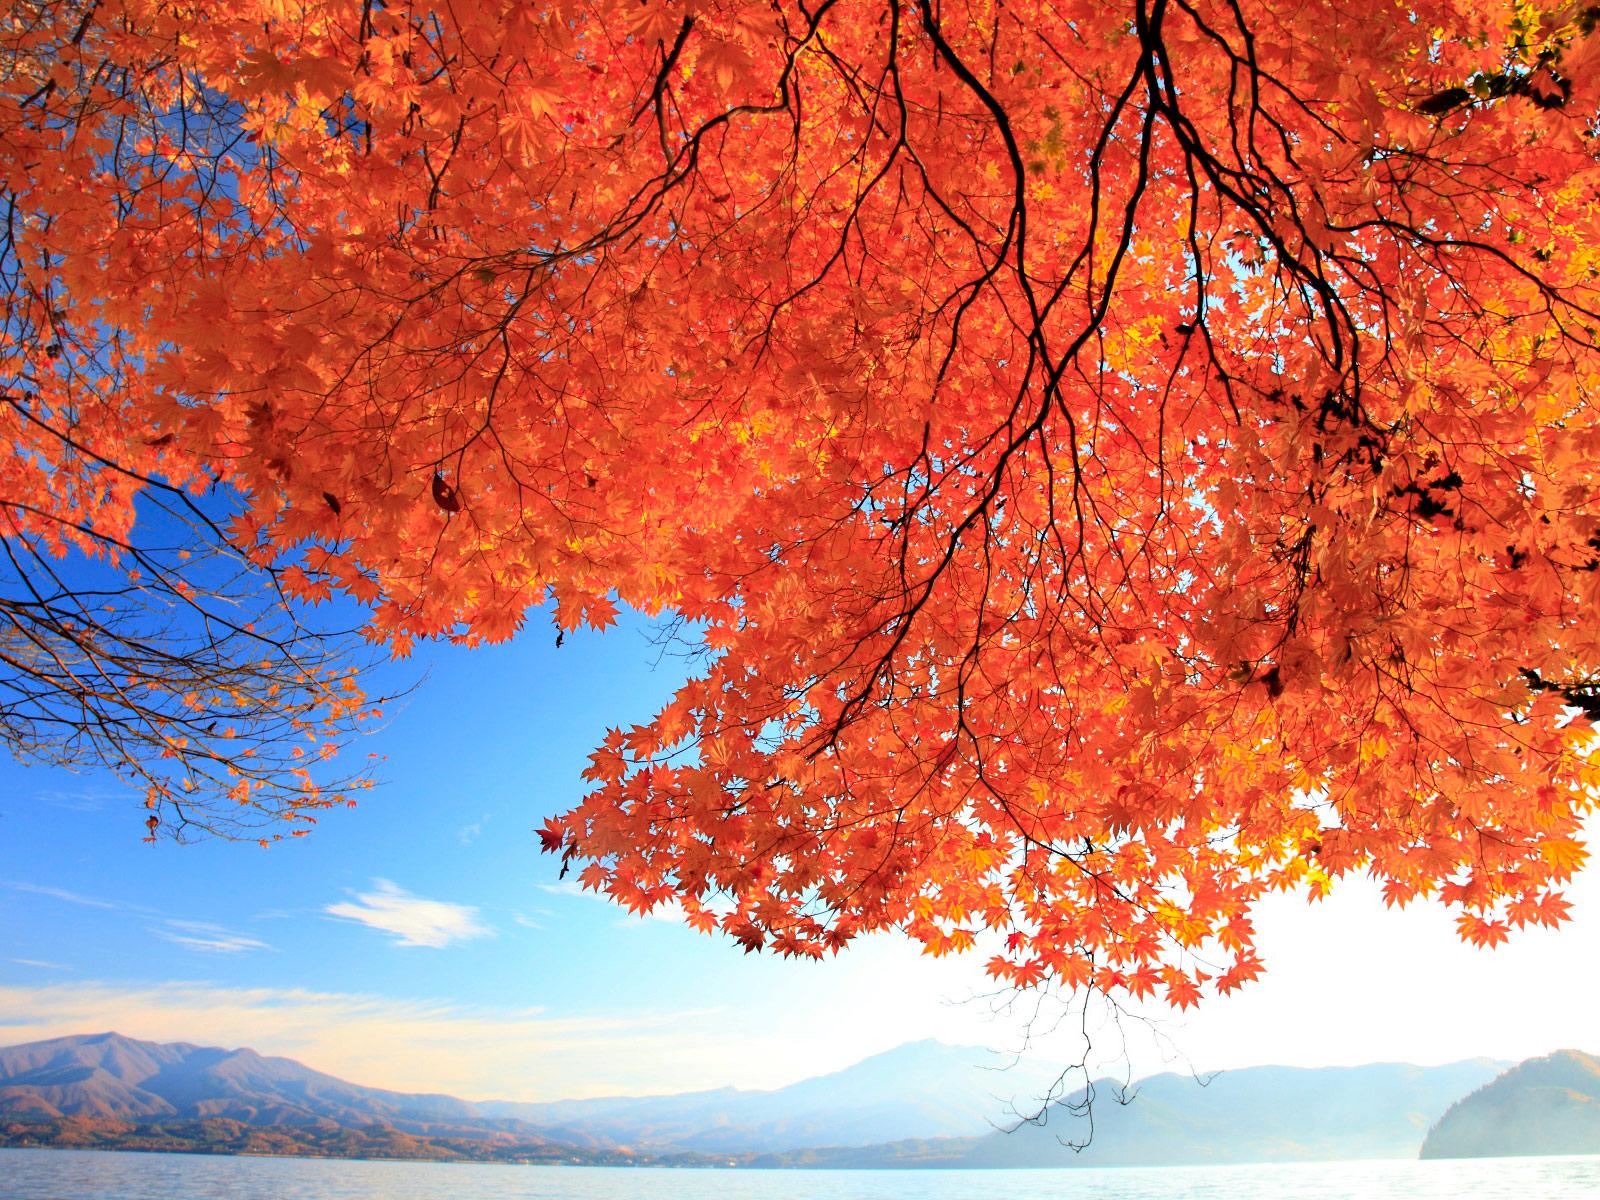 田沢湖周辺の観光おすすめスポット!グルメ情報あり!紅葉がすごい!